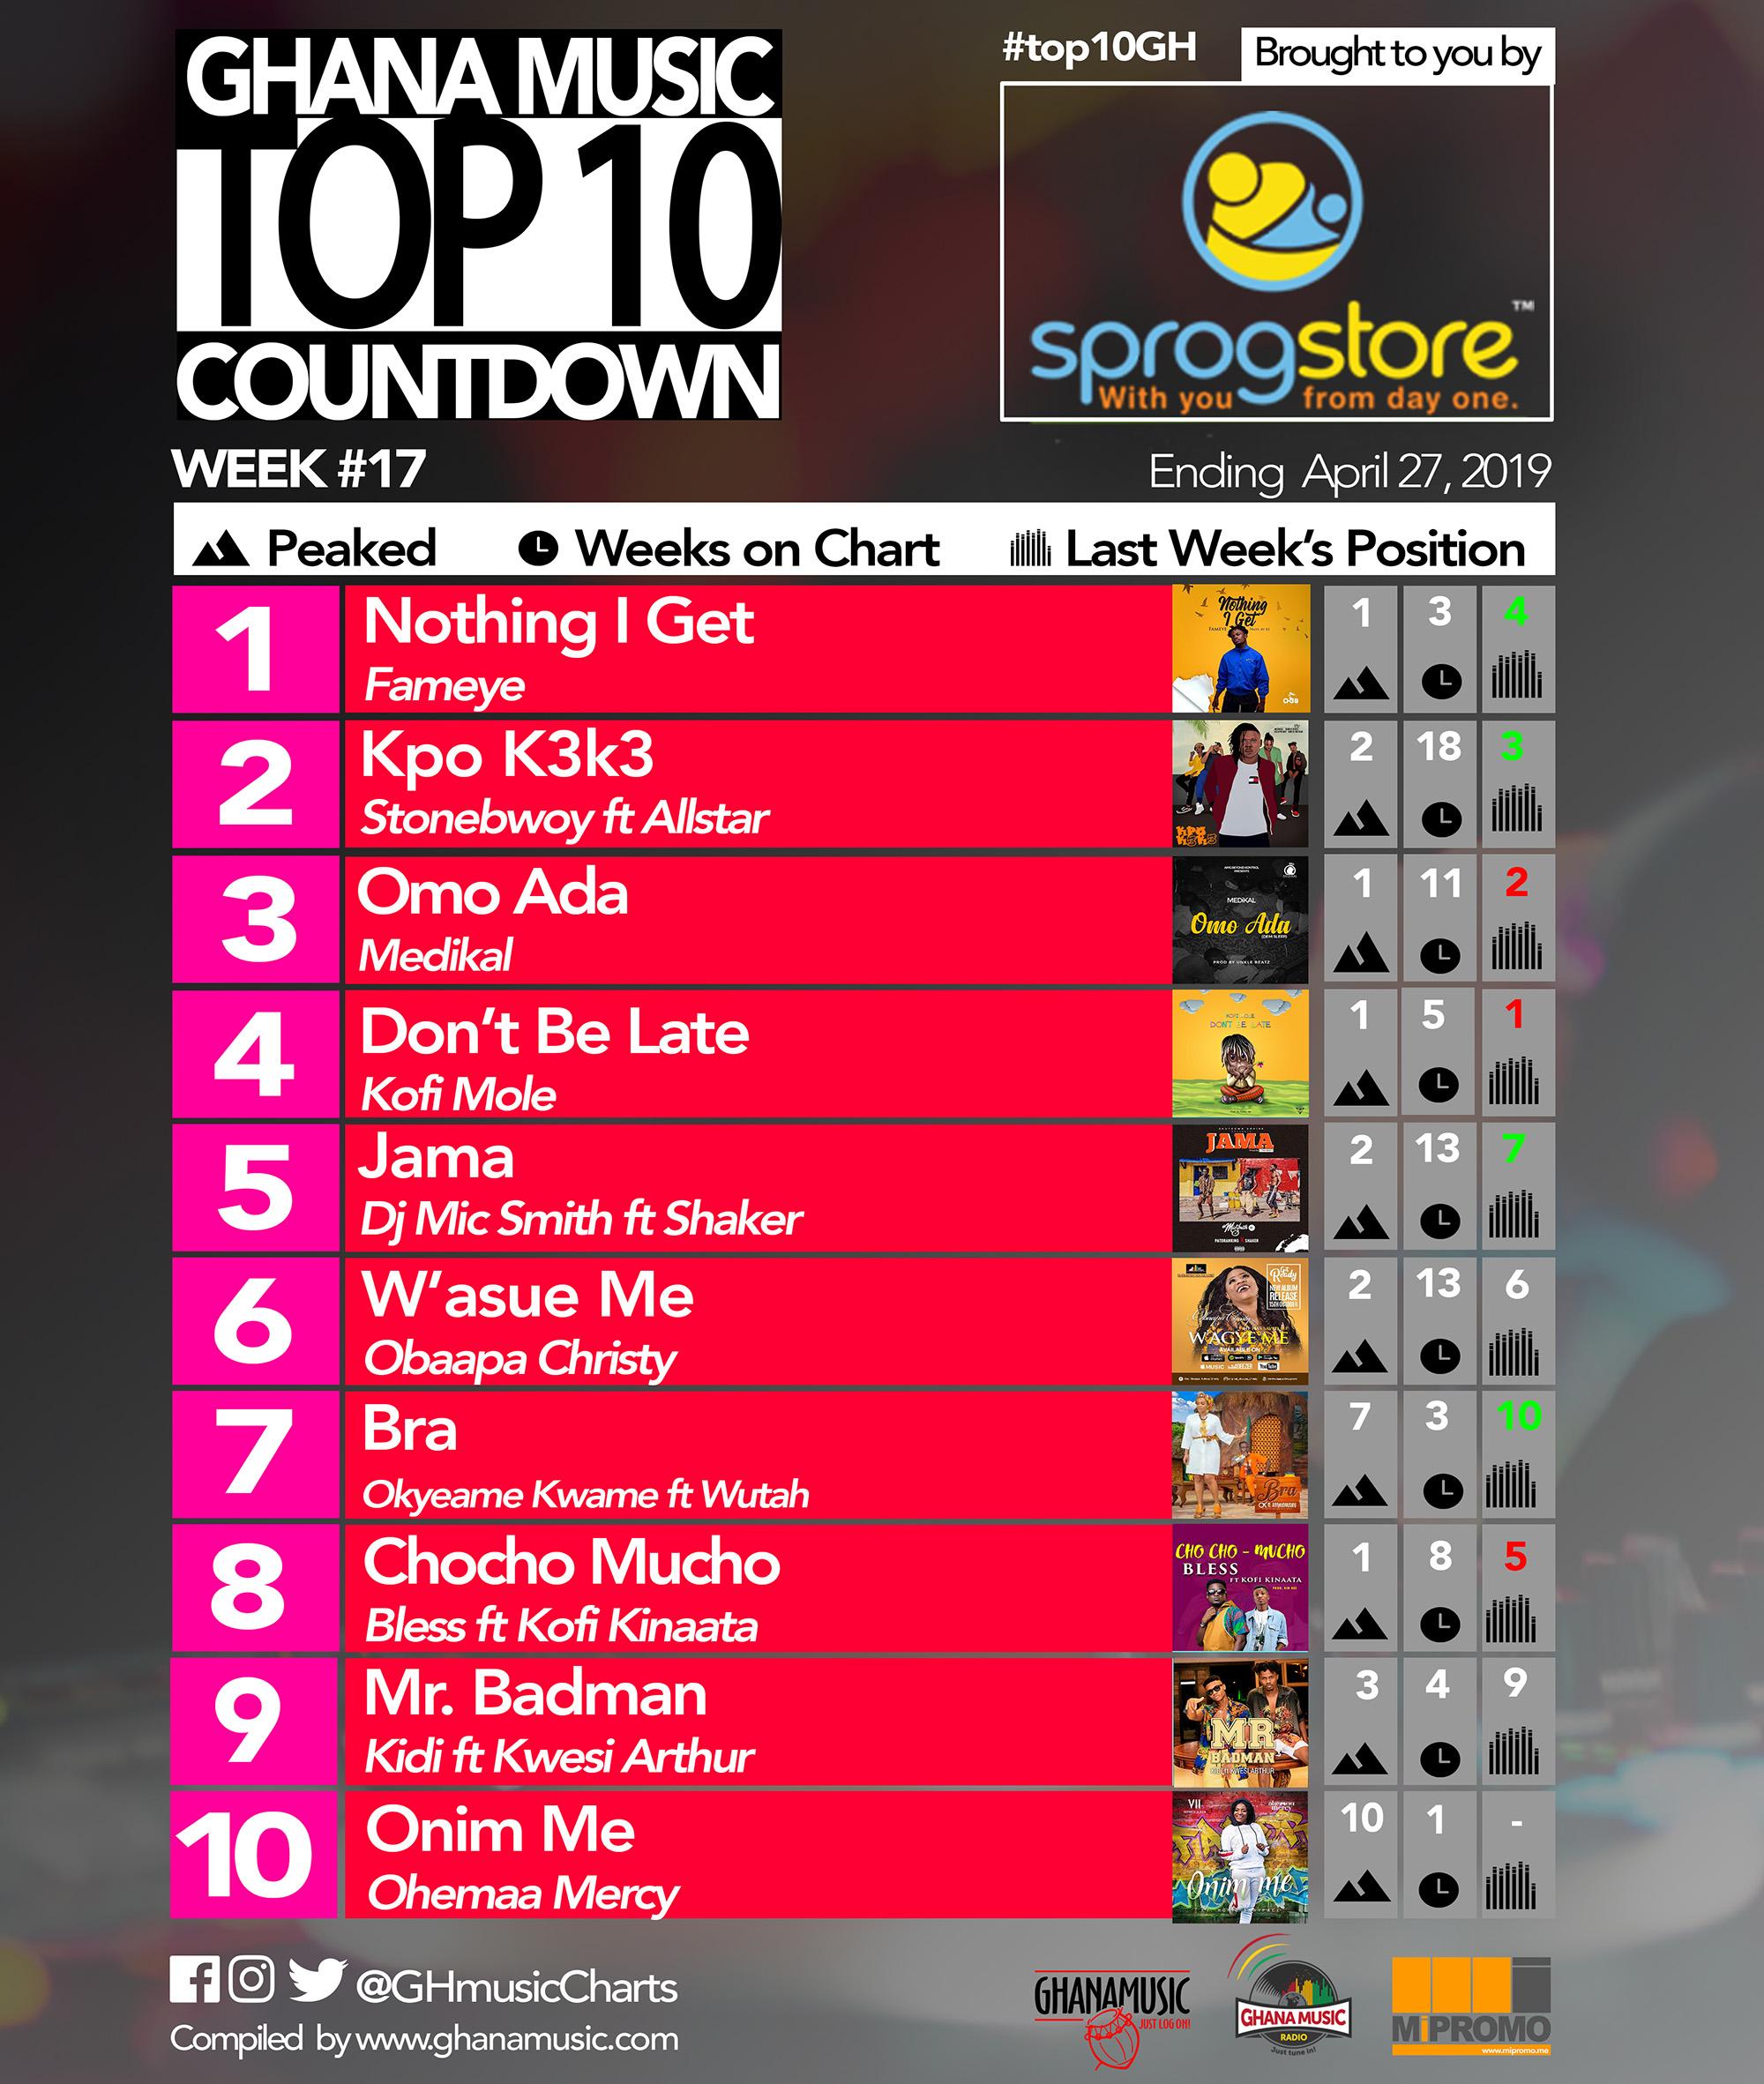 Week 17: Ghana Music Top 10 Countdown